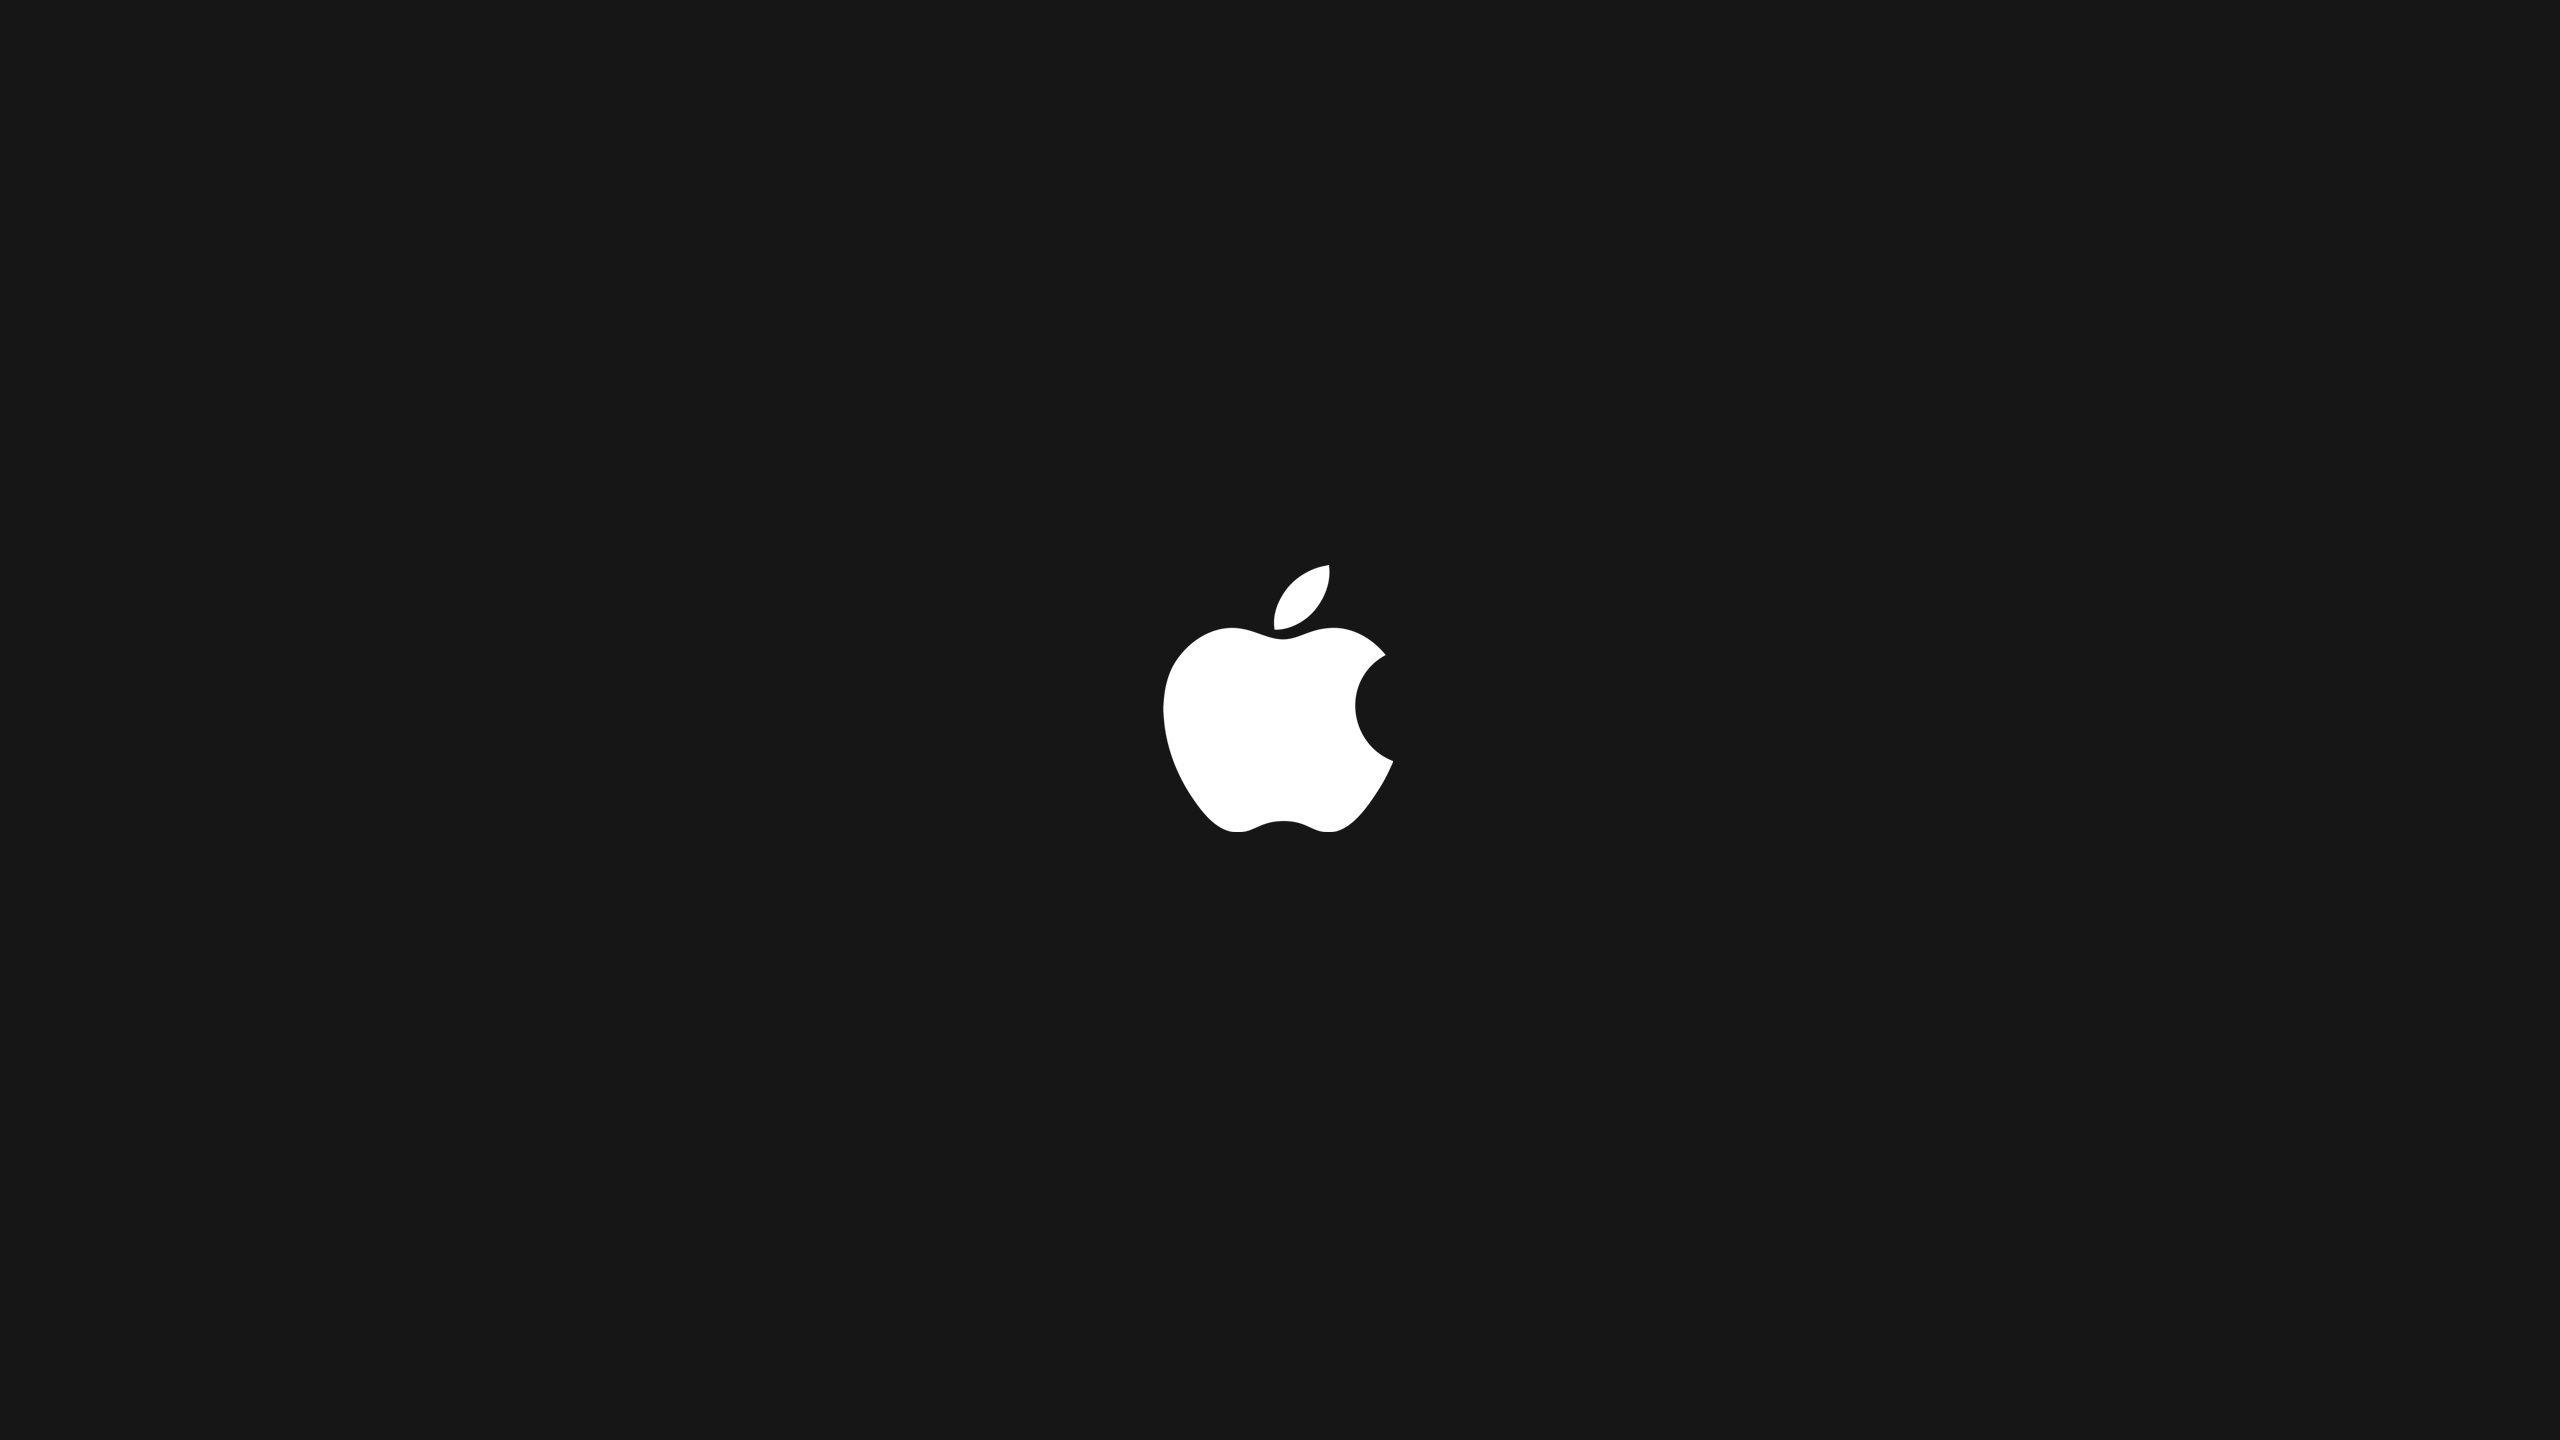 Apple Background Yeterwpartco